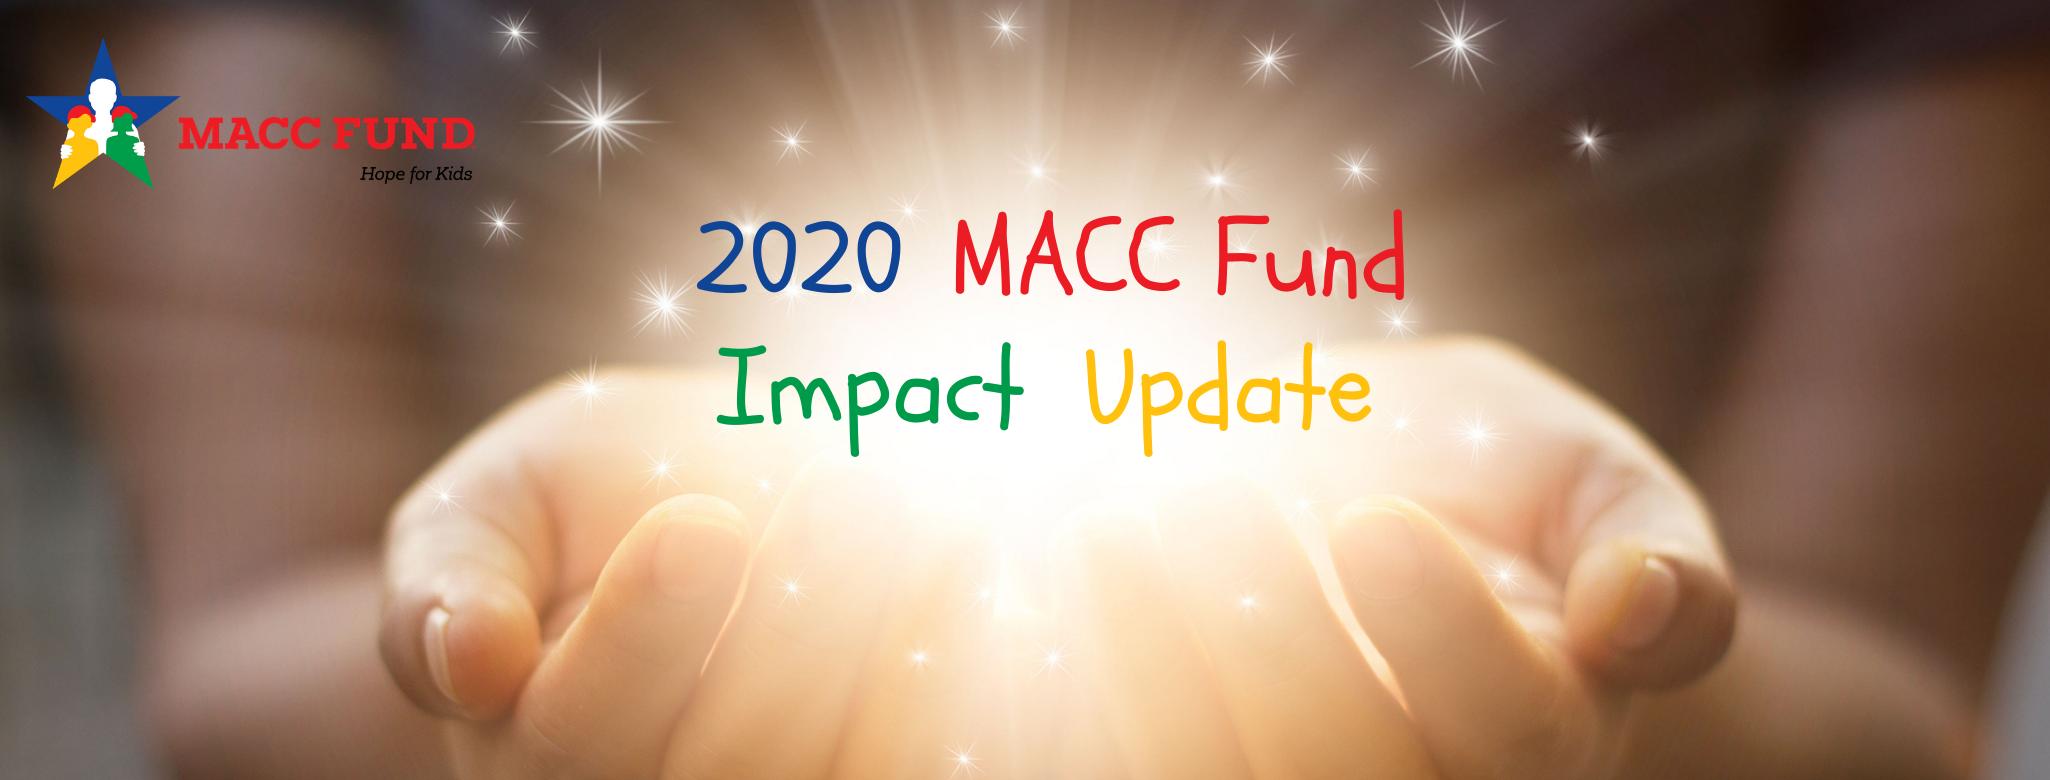 2020 MACC Fund Impact Update